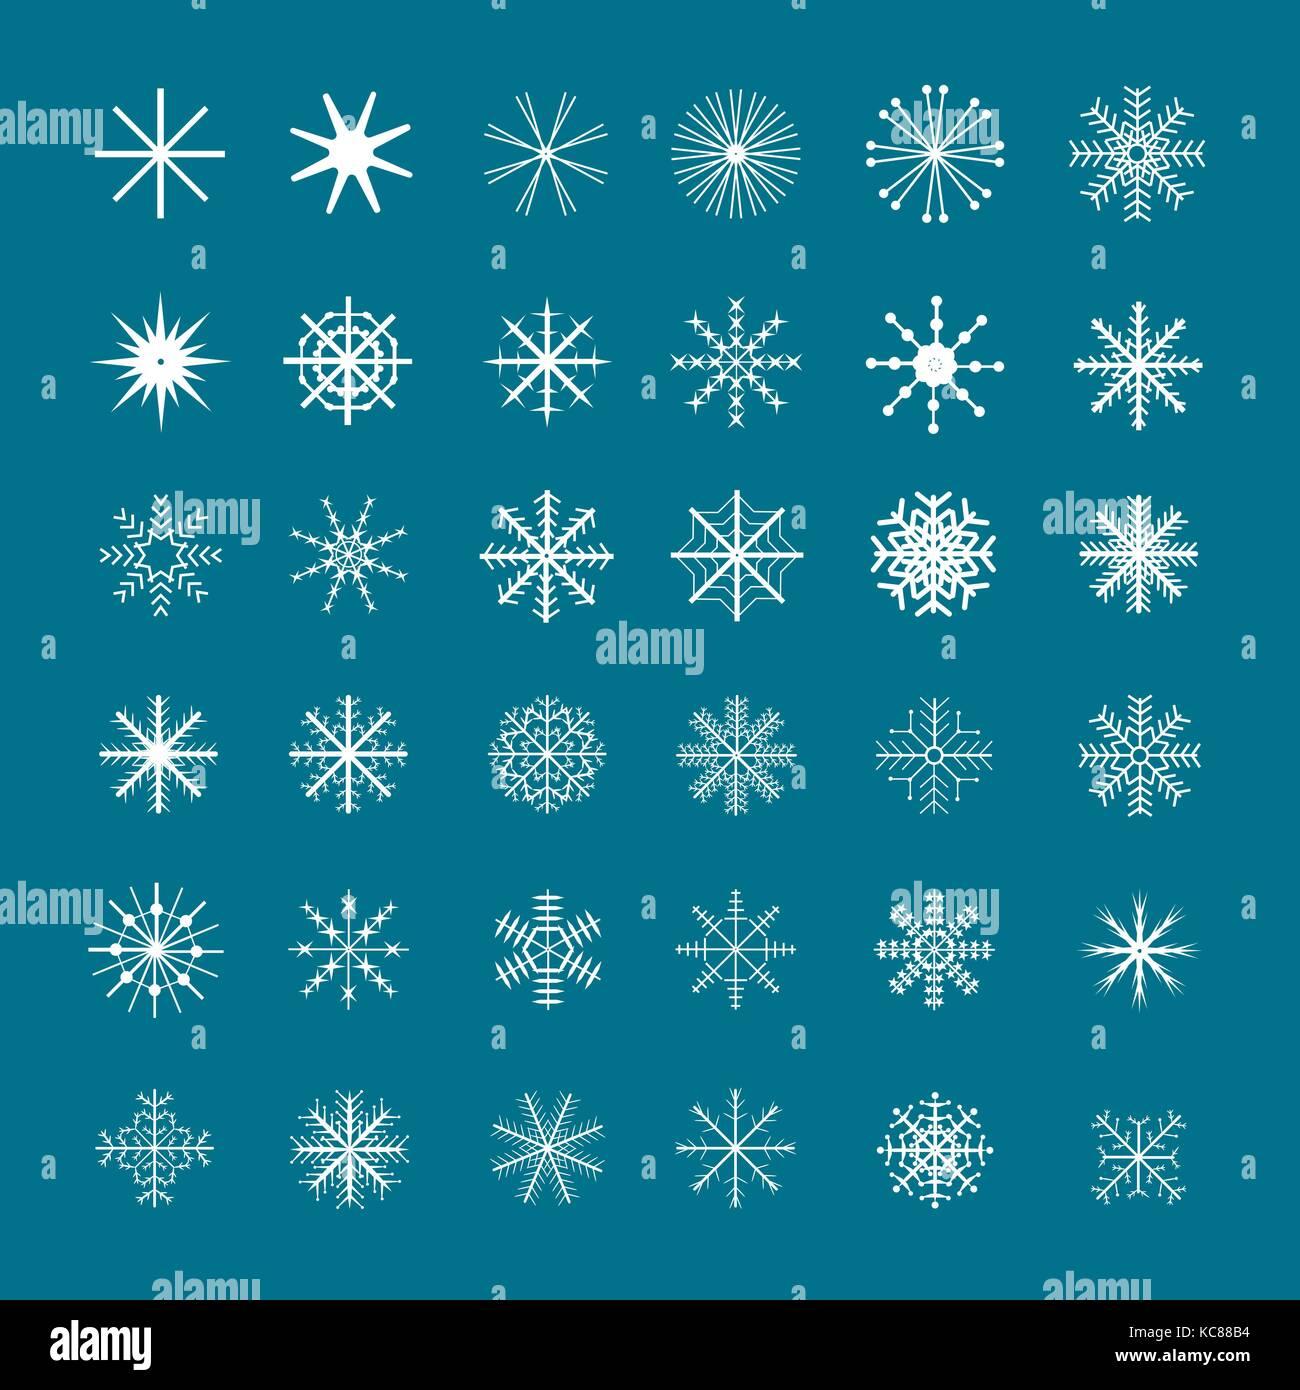 Christmas Snowflake set - Stock Image